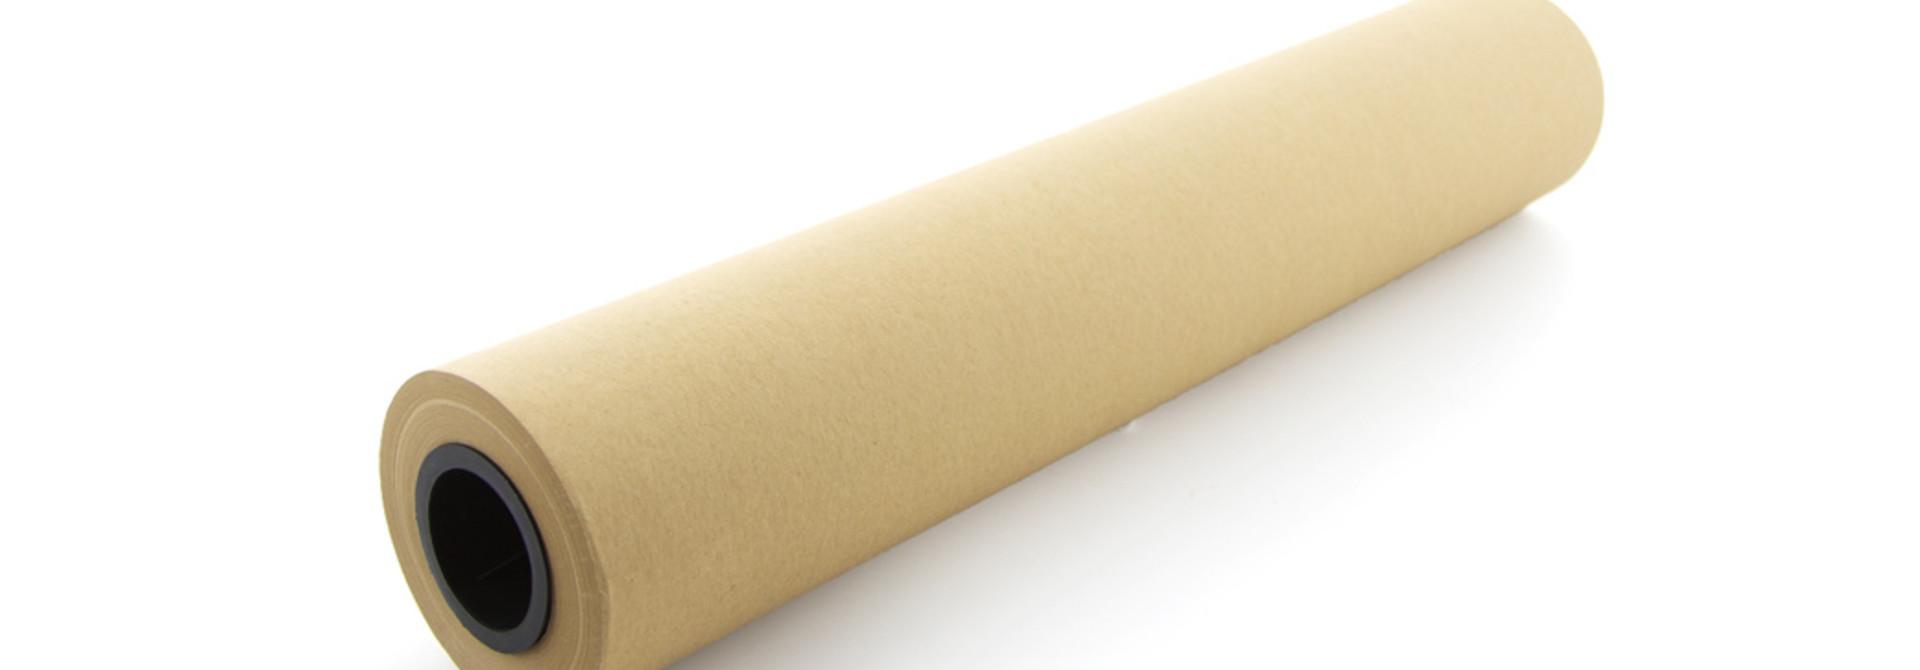 Refill paper roll L